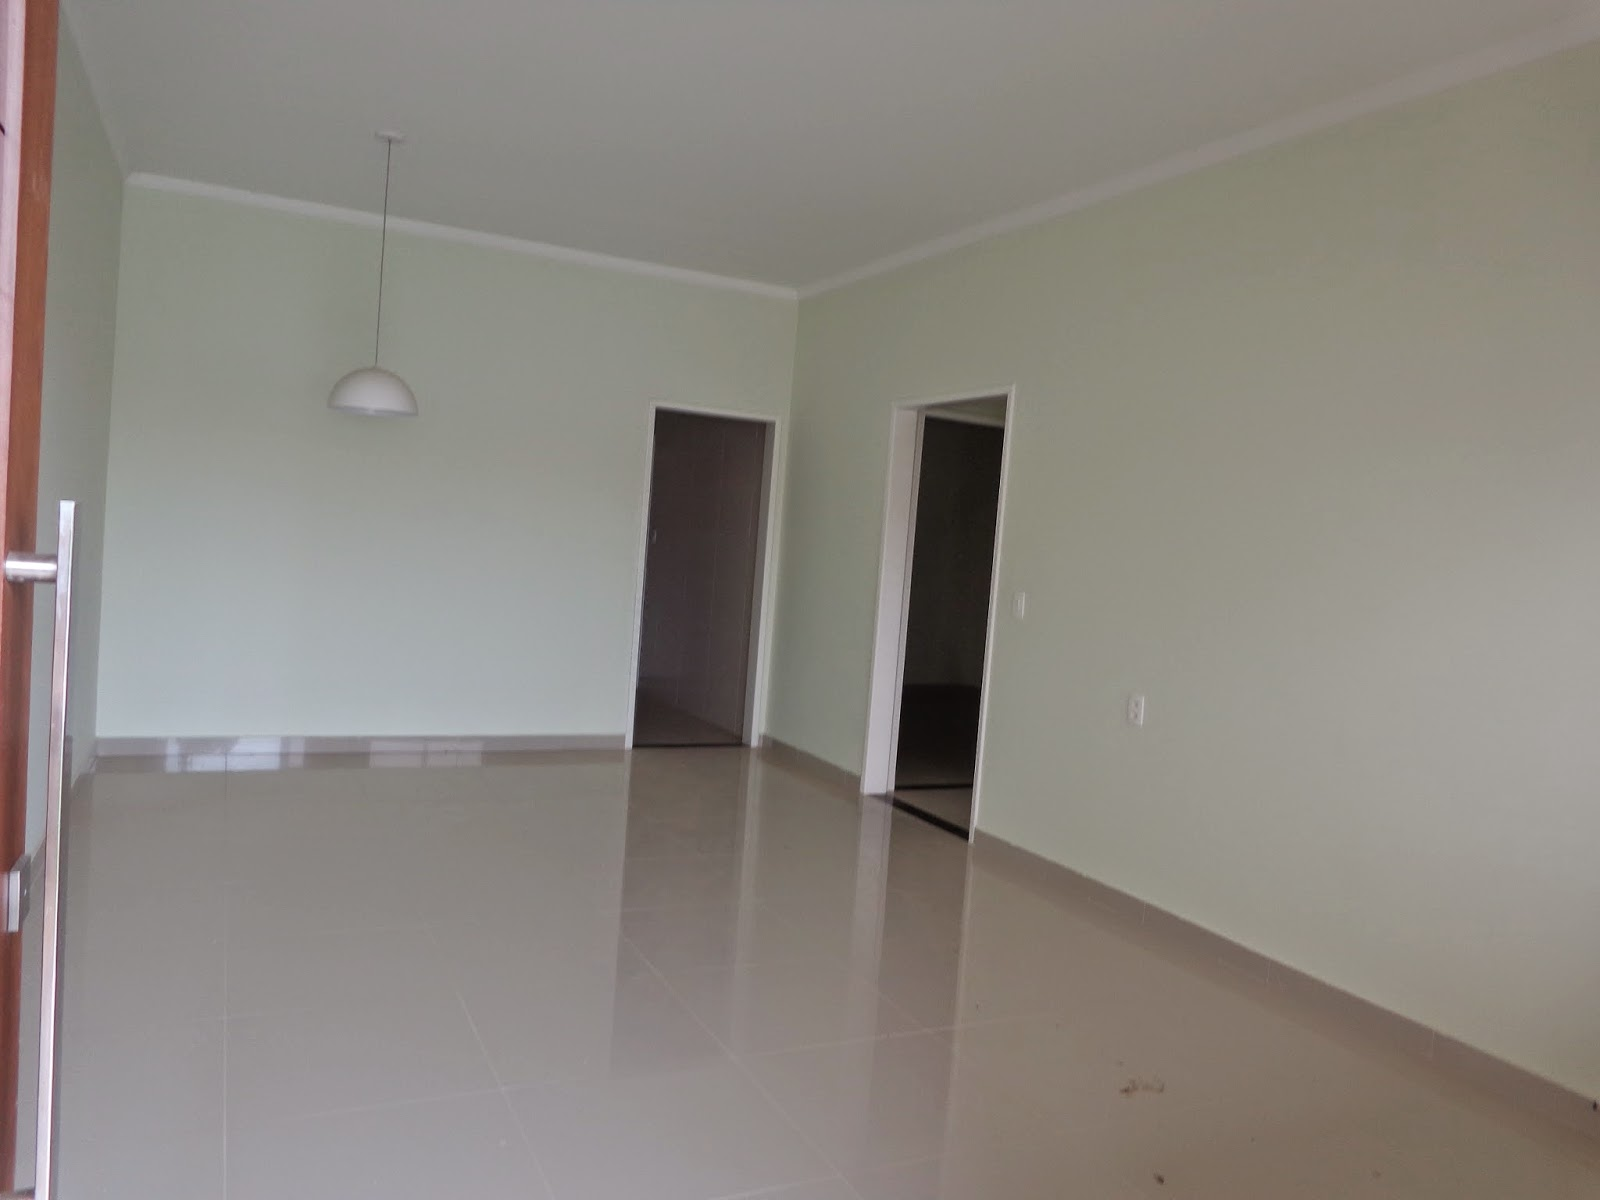 #704B43  Pernambuco: VENDE CASA 4/4 CONDOMÍNIO PORTAL DAS ÁGUAS PETROLINA 1600x1200 px Casas Bahia Armario De Cozinha 200 Reais #1615 imagens